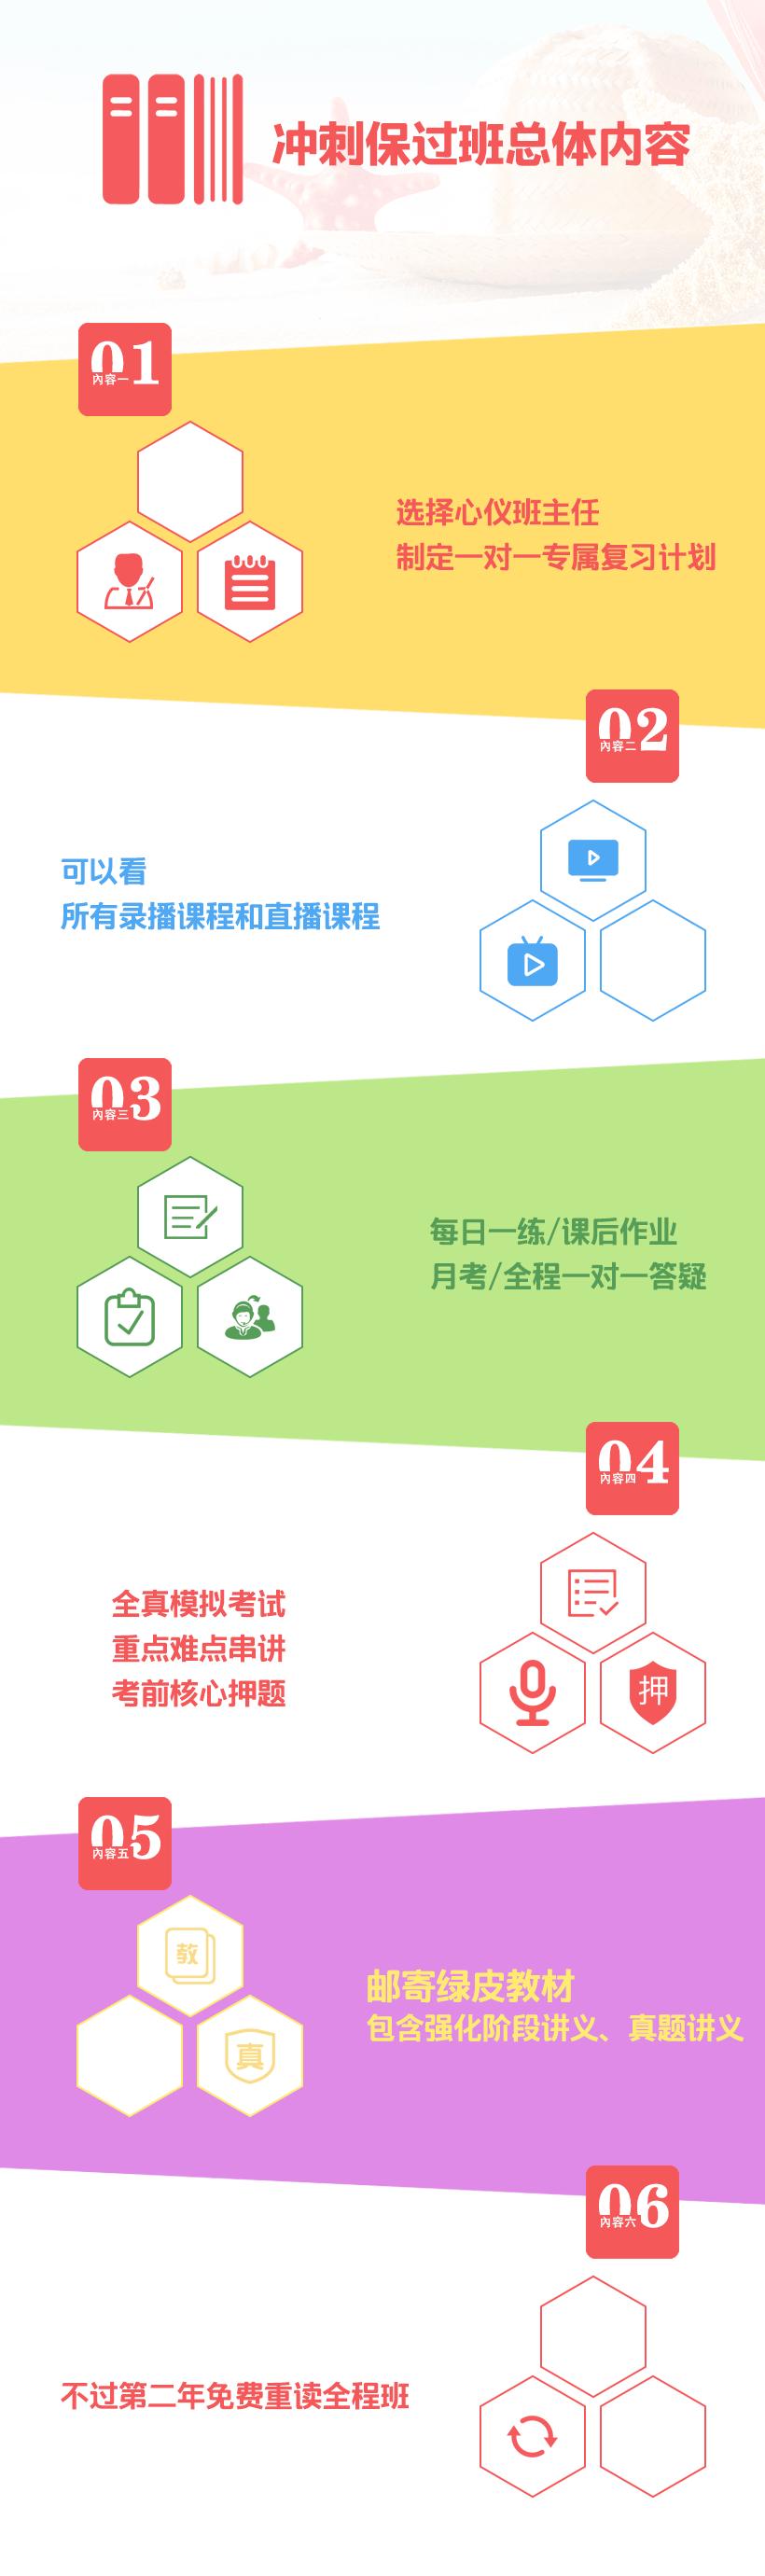 网校课程详情页 .png